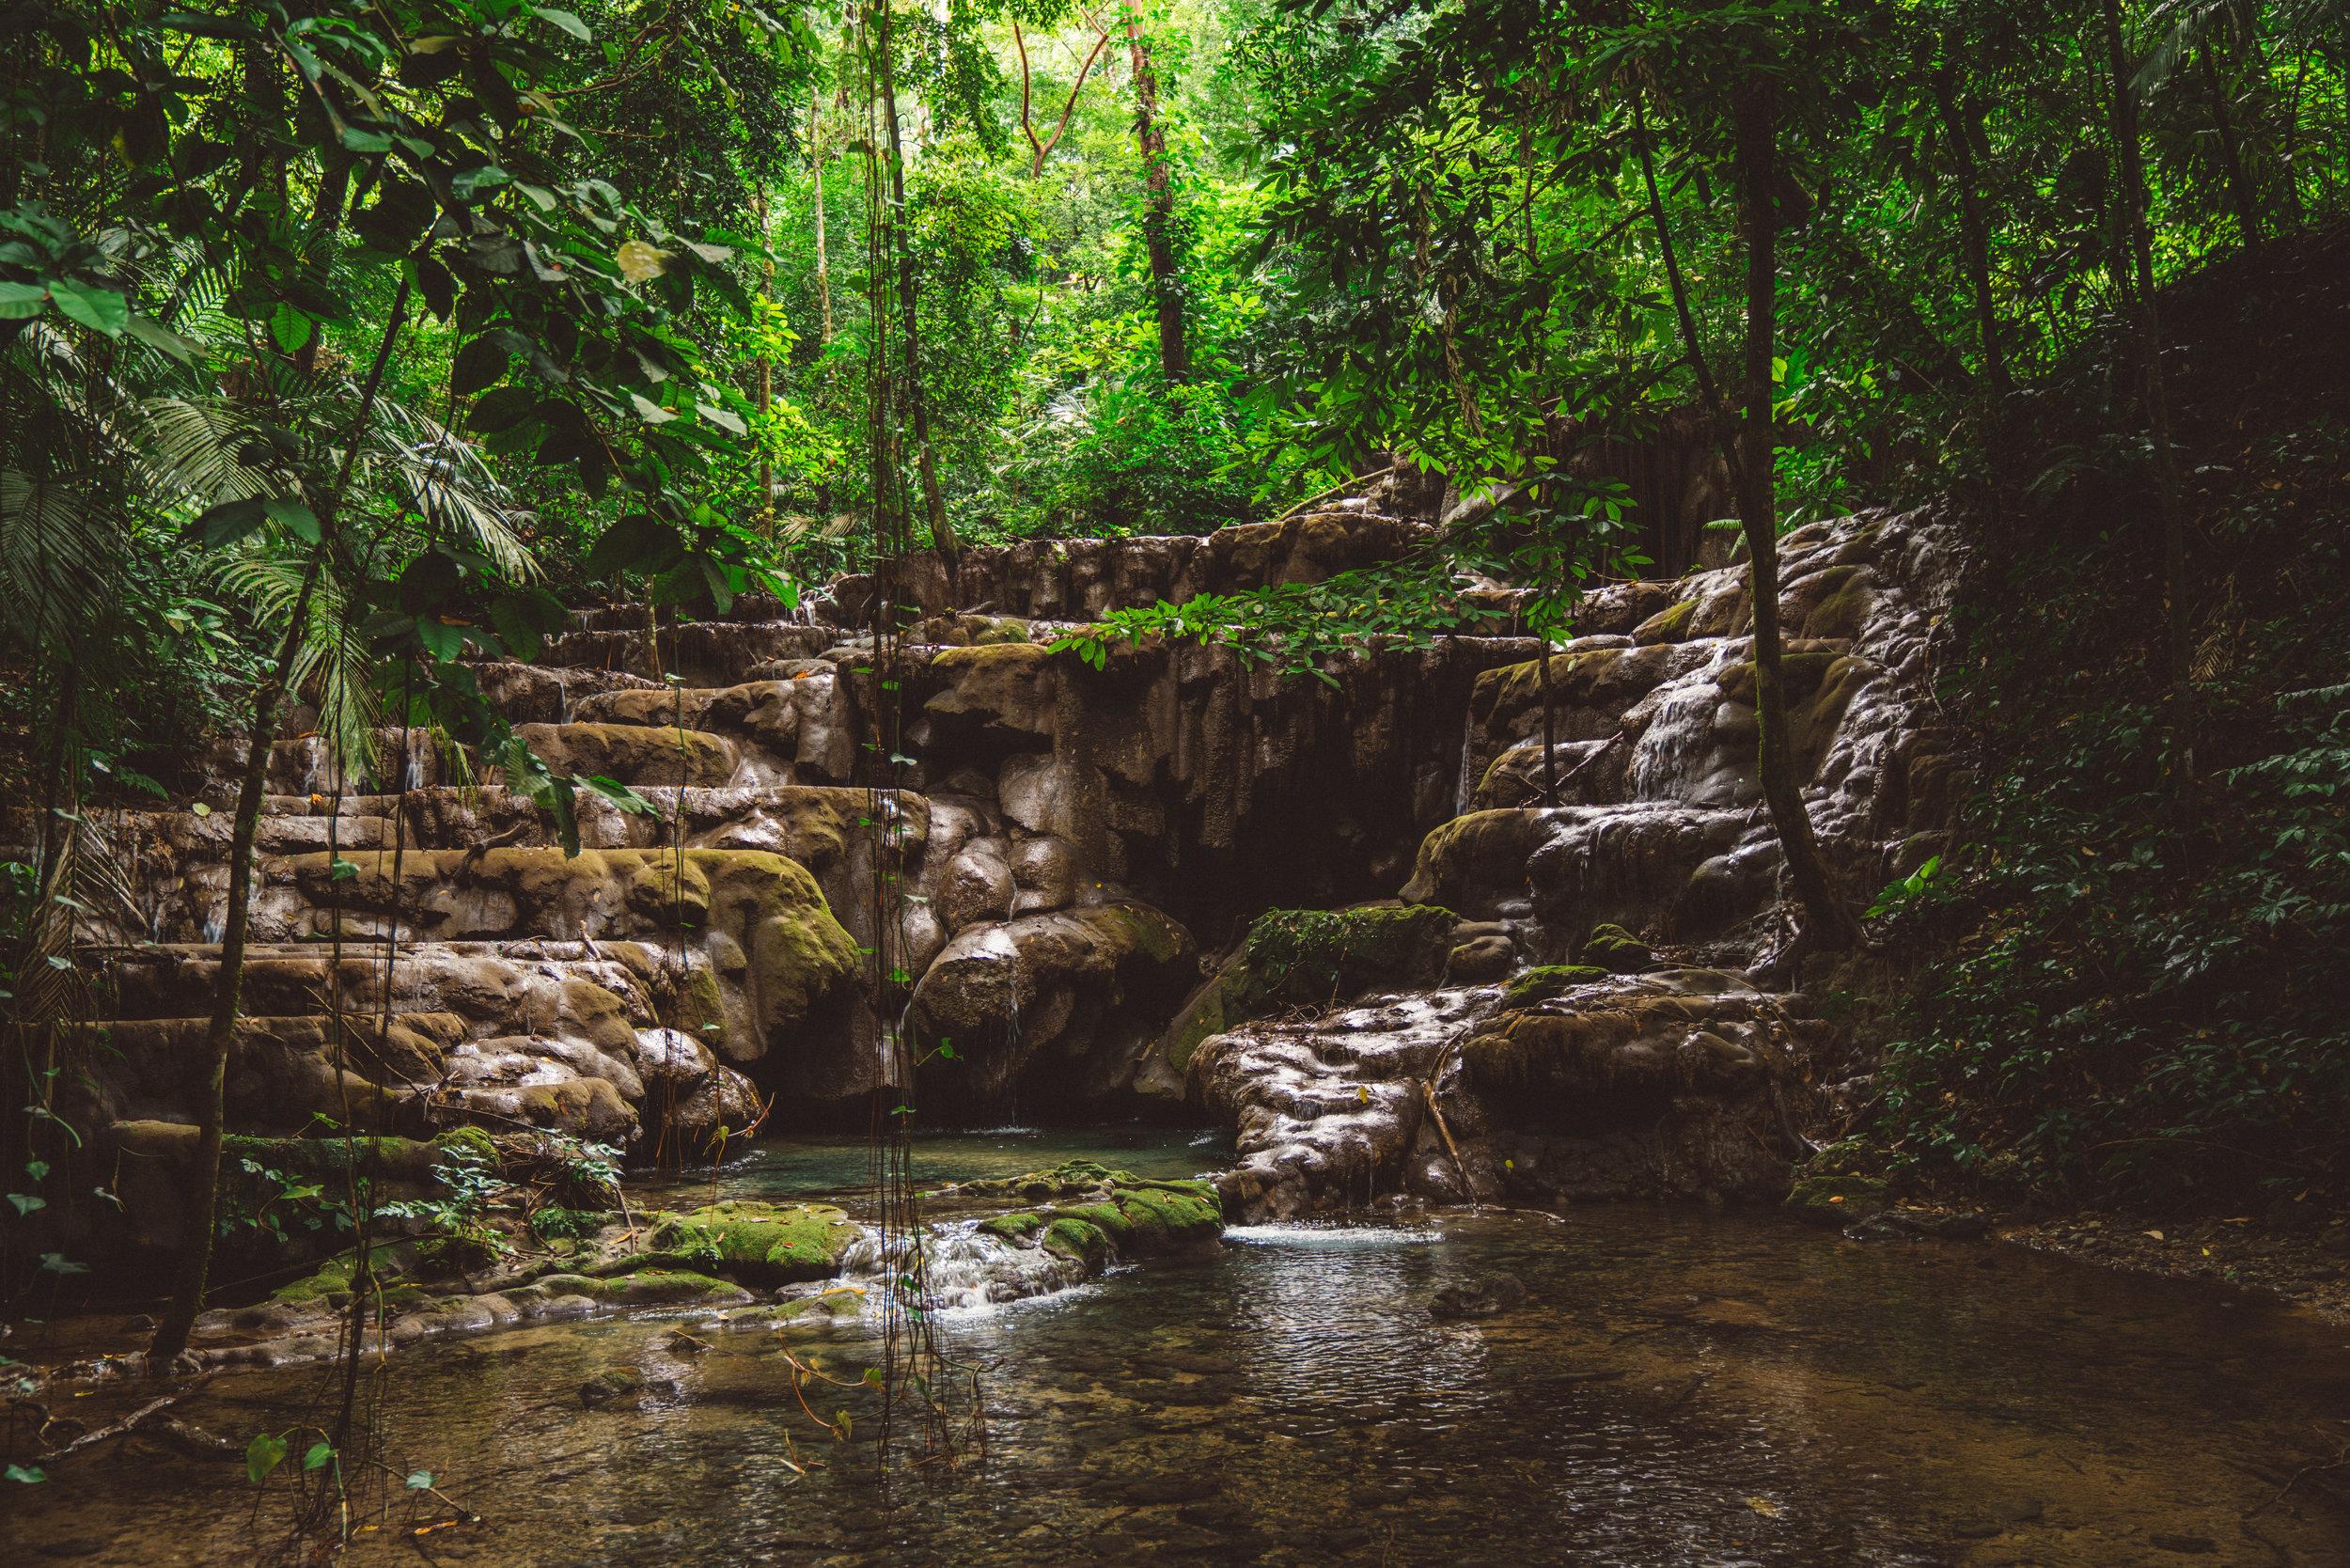 A river which runs through the ruins.